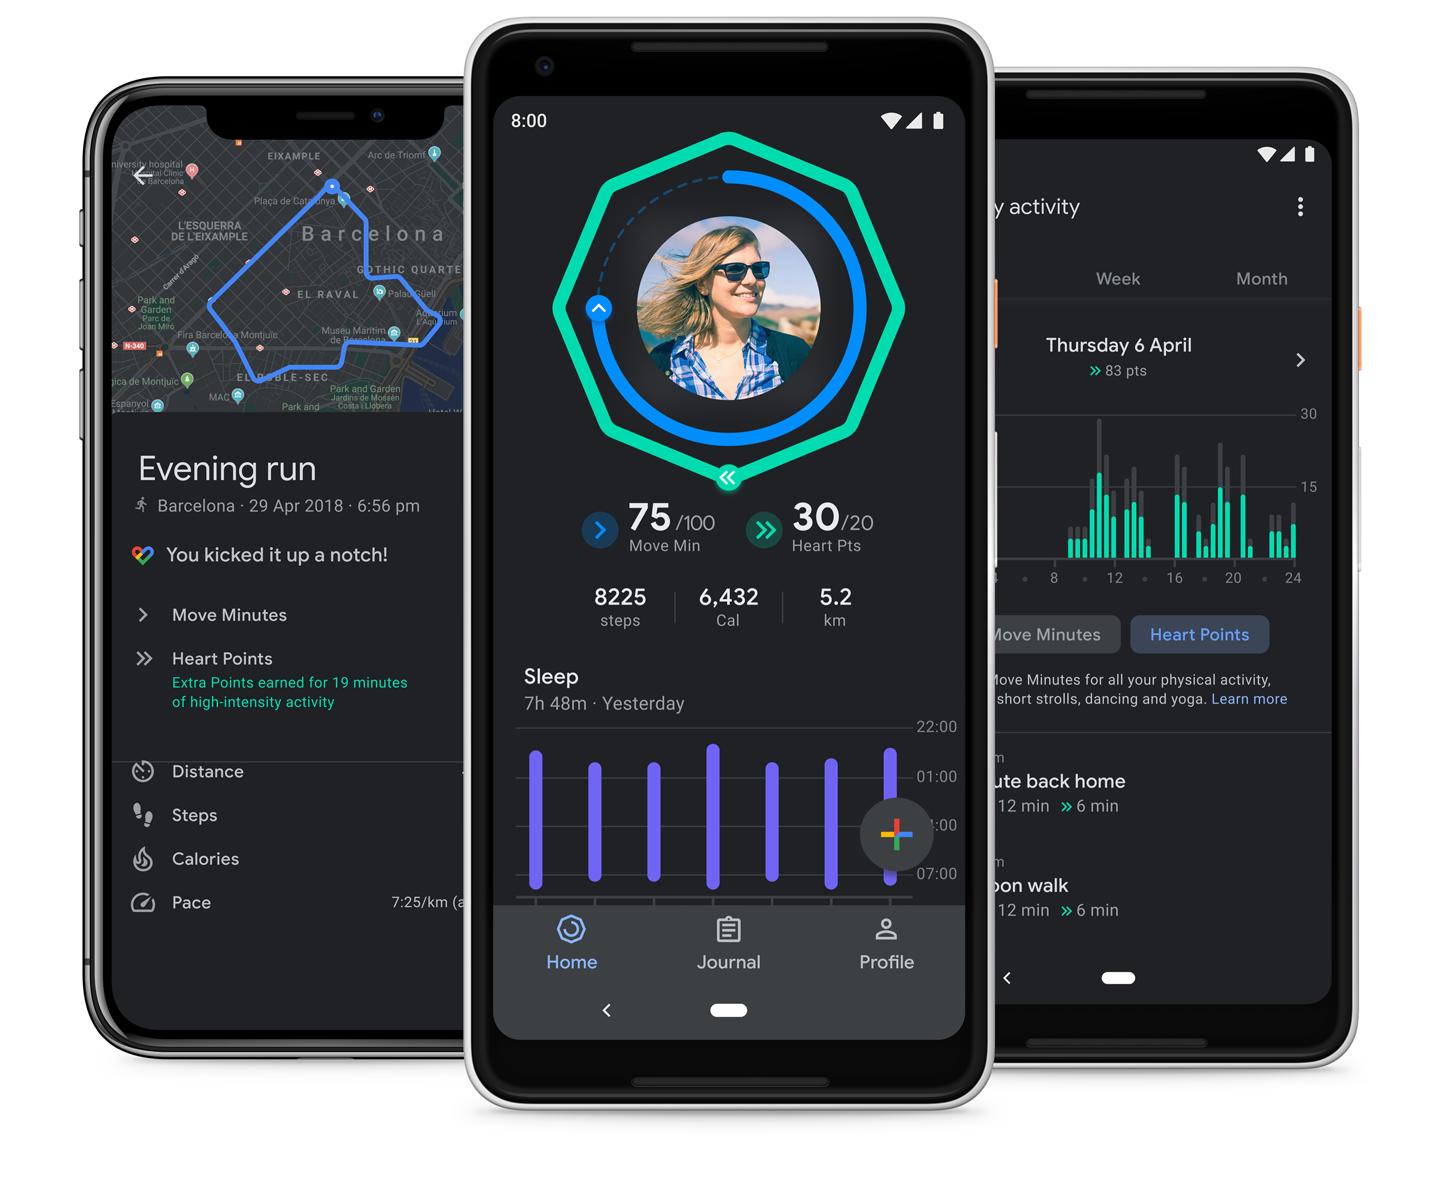 تطبيق Google Fit يأتي بالوضع المُظلم لجميع المستخدمين وأكثر